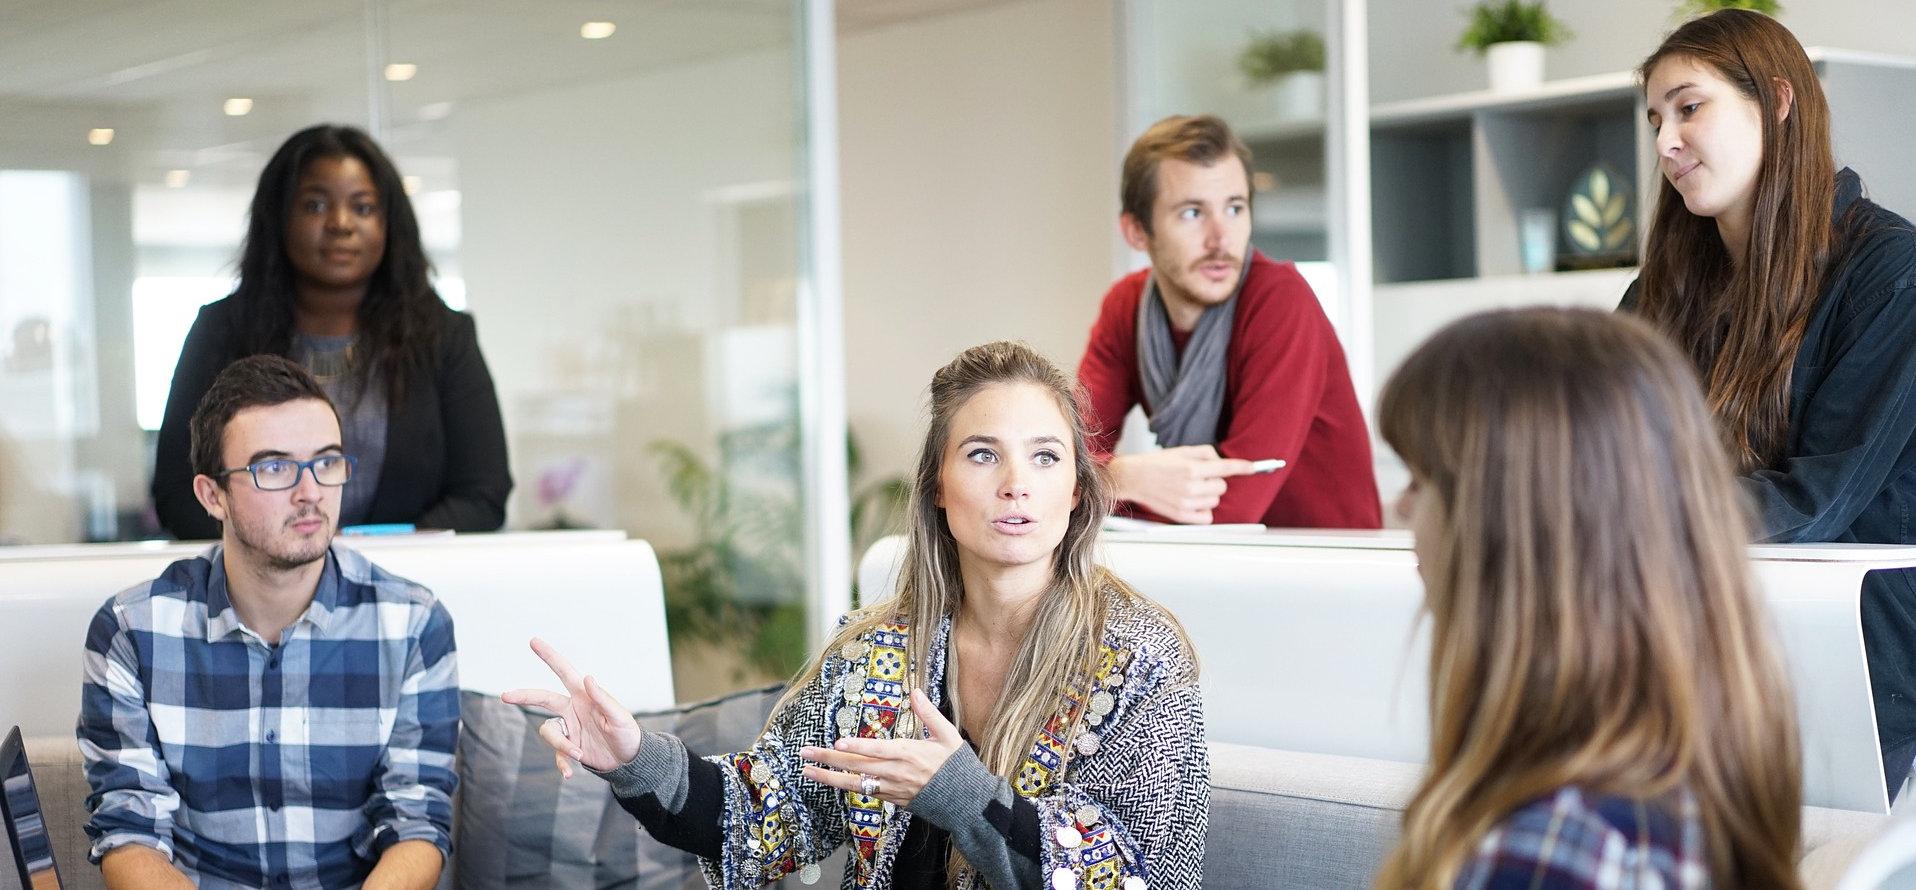 Cinco consejos para fomentar la igualdad en las empresas